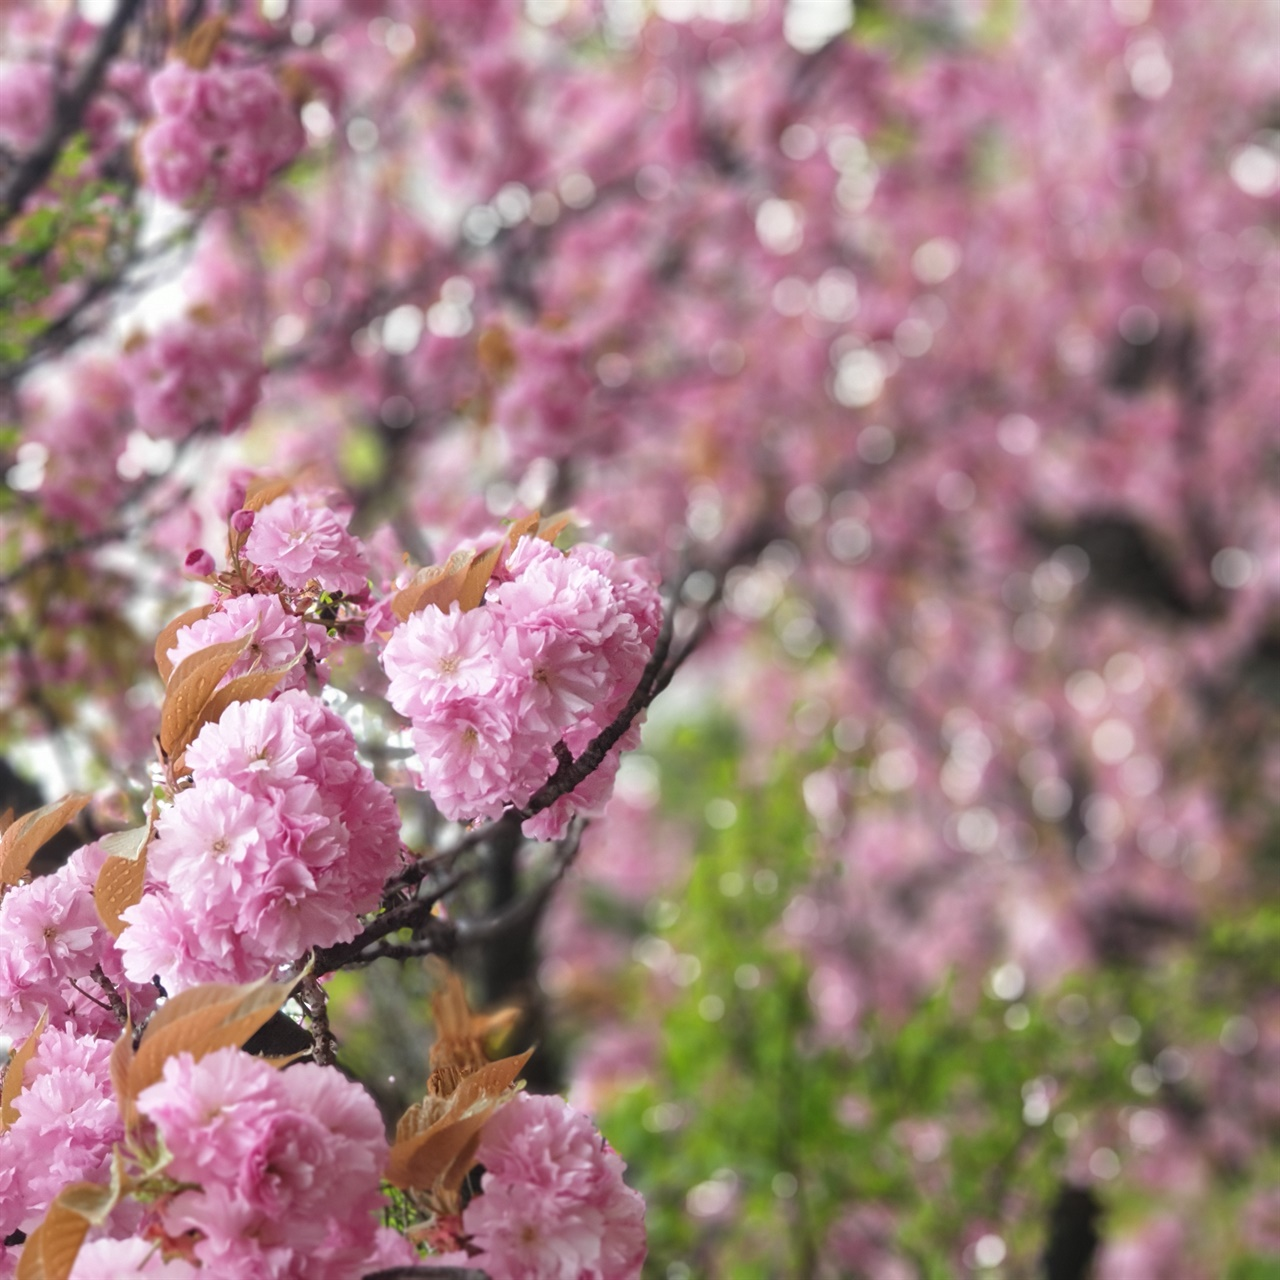 겹벚꽃 산책길에서 만난 겹벚꽃